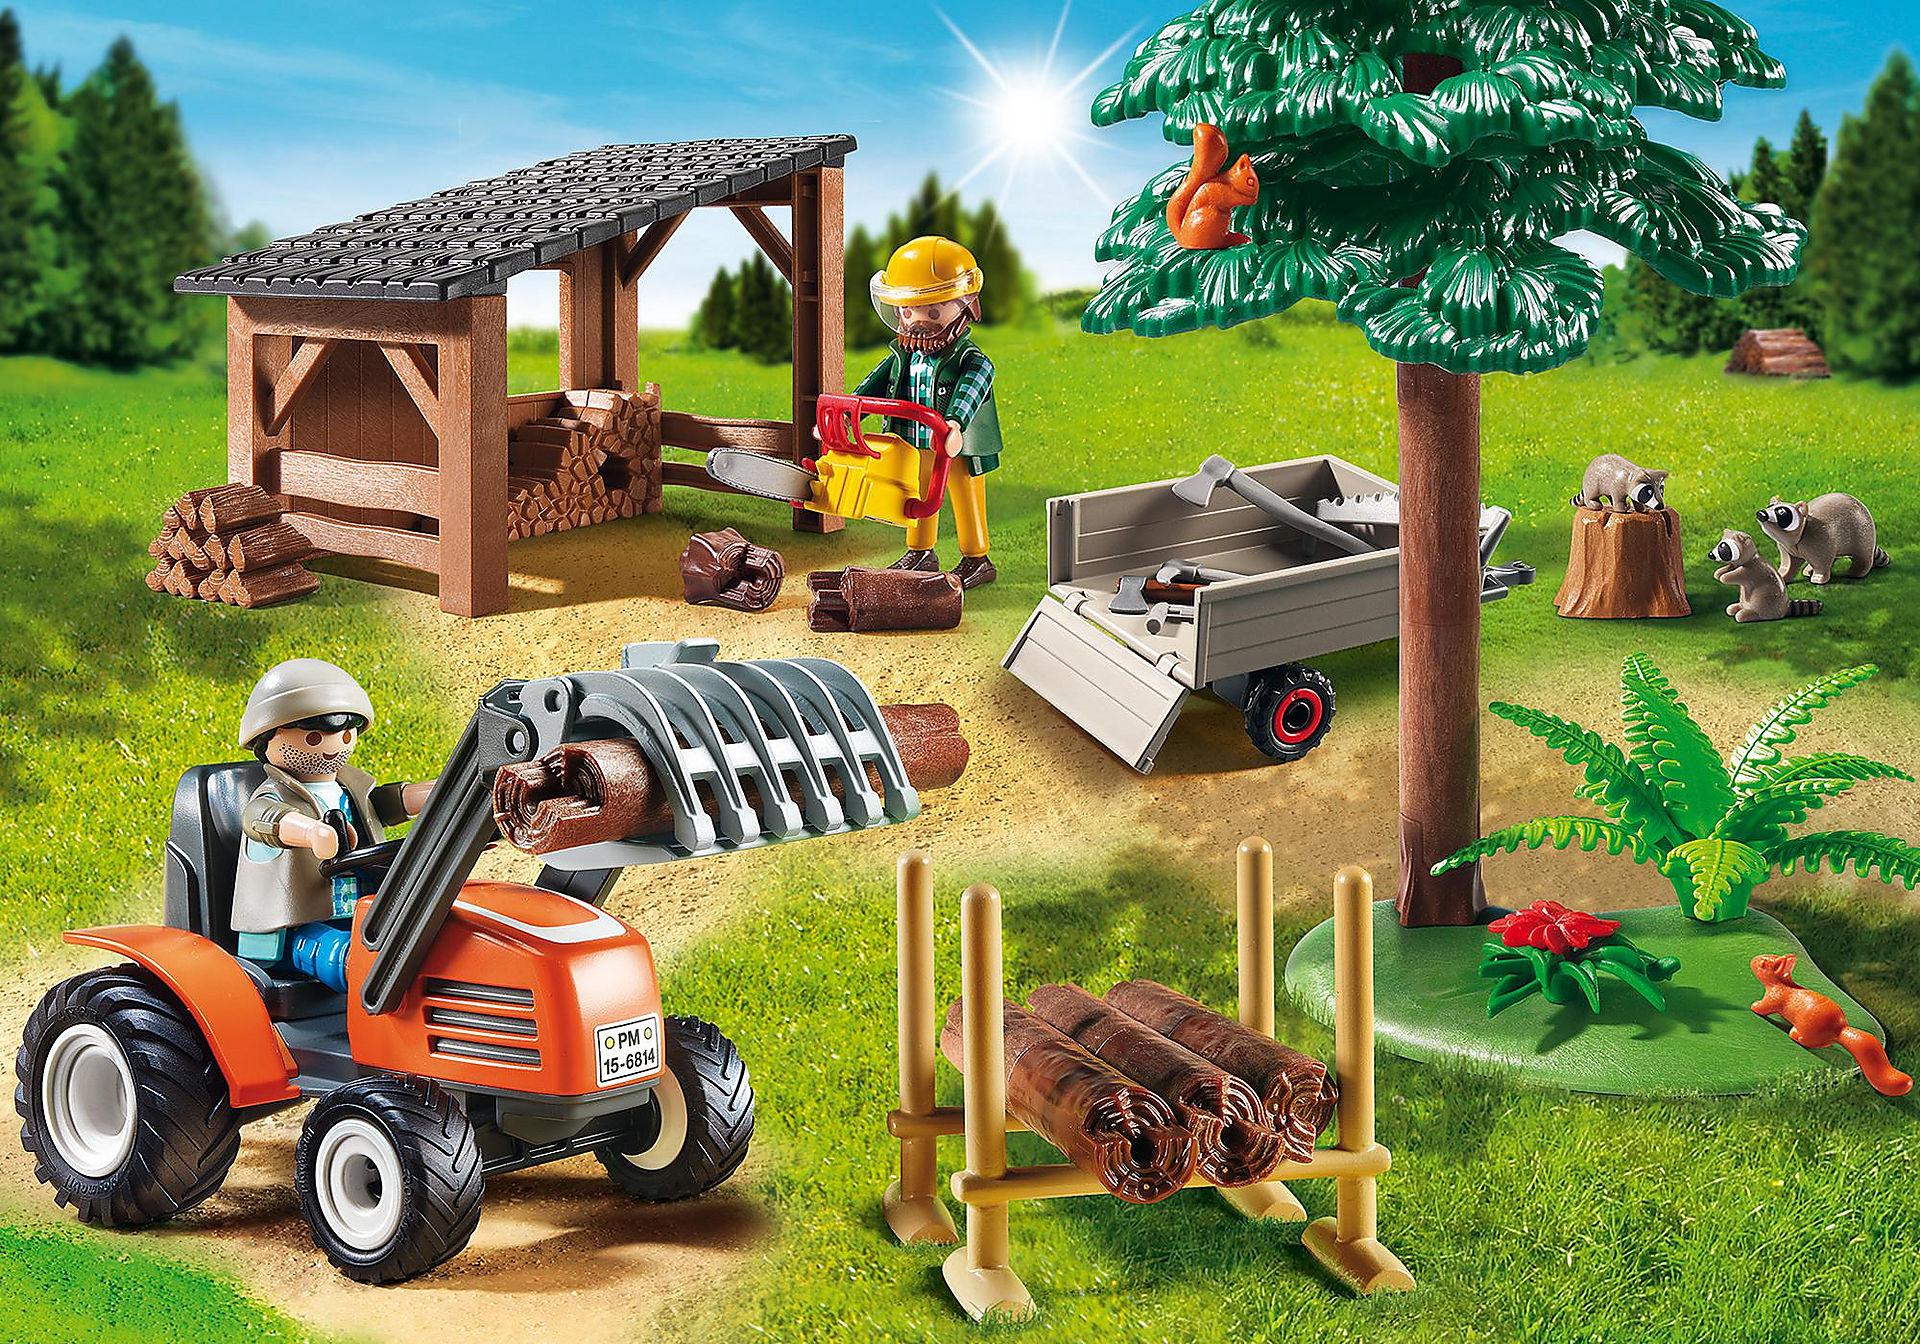 6814 Skovarbejder med traktor zoom image1